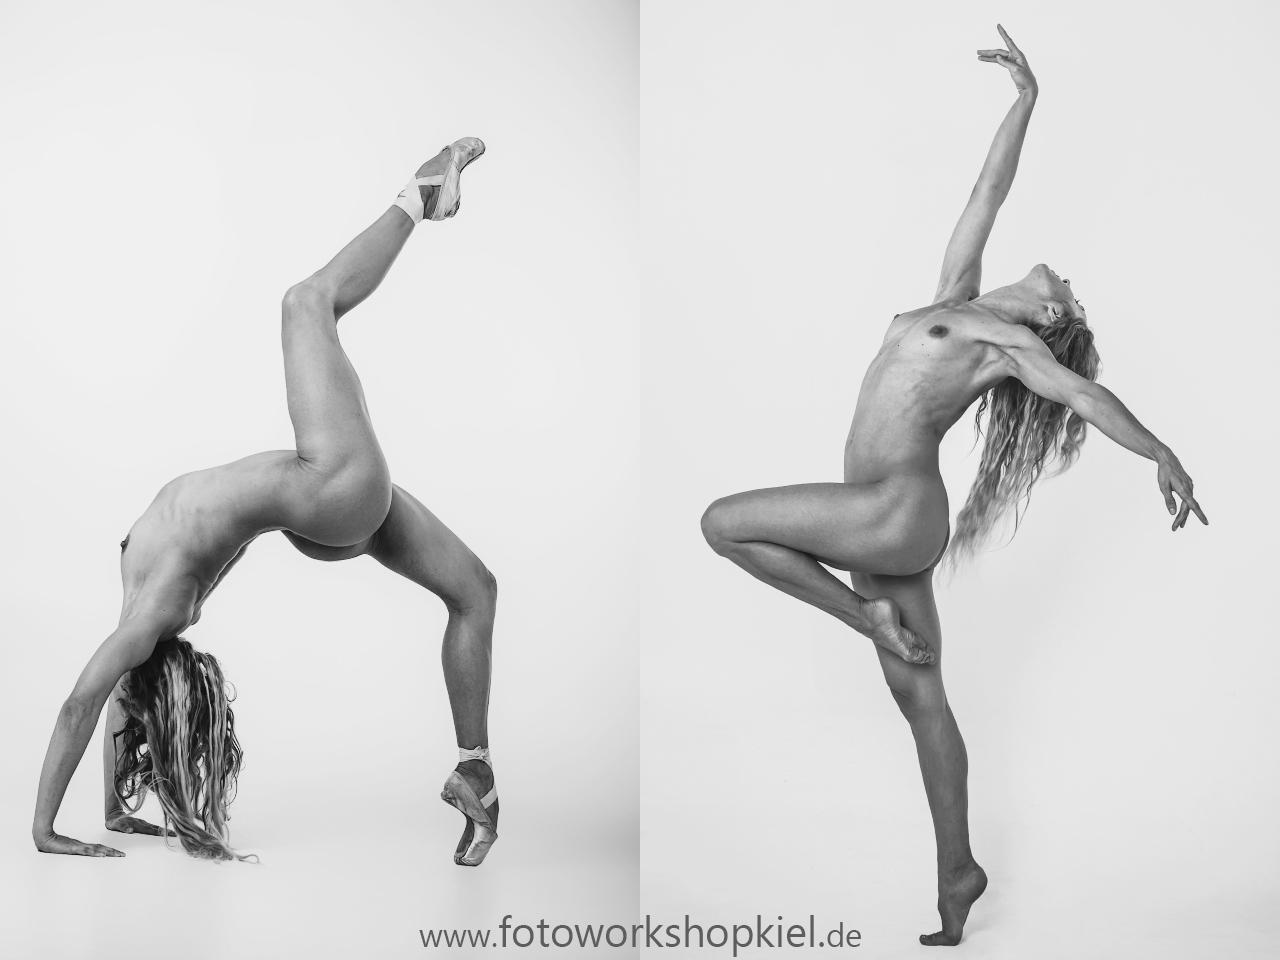 Athletischer Akt Fotoworkshop Kiel Aktfotografie